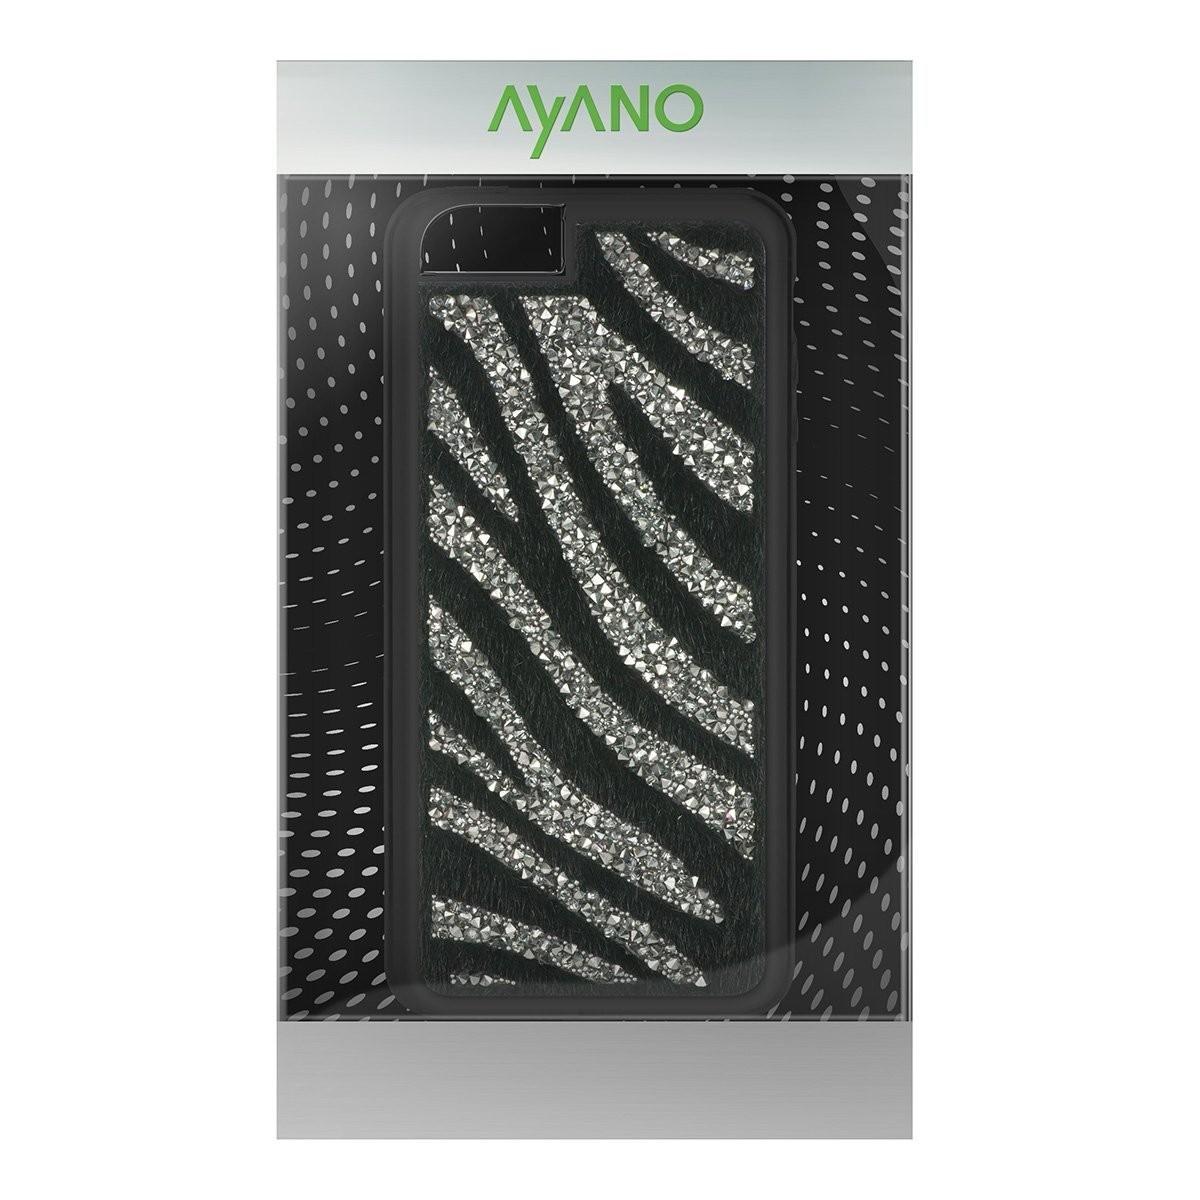 Coque iPhone 6 / 6s  Ayano Glam Zebra Black Diamond